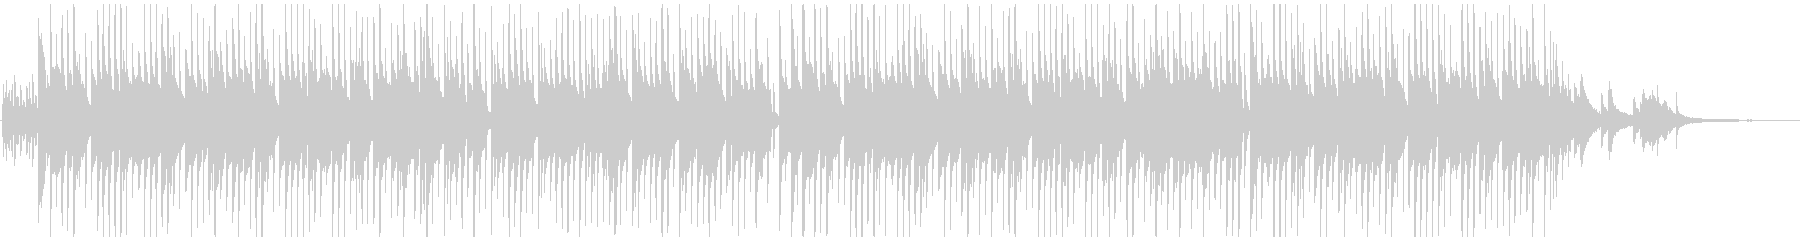 琴とピアノメインの和風BGMの未再生の波形